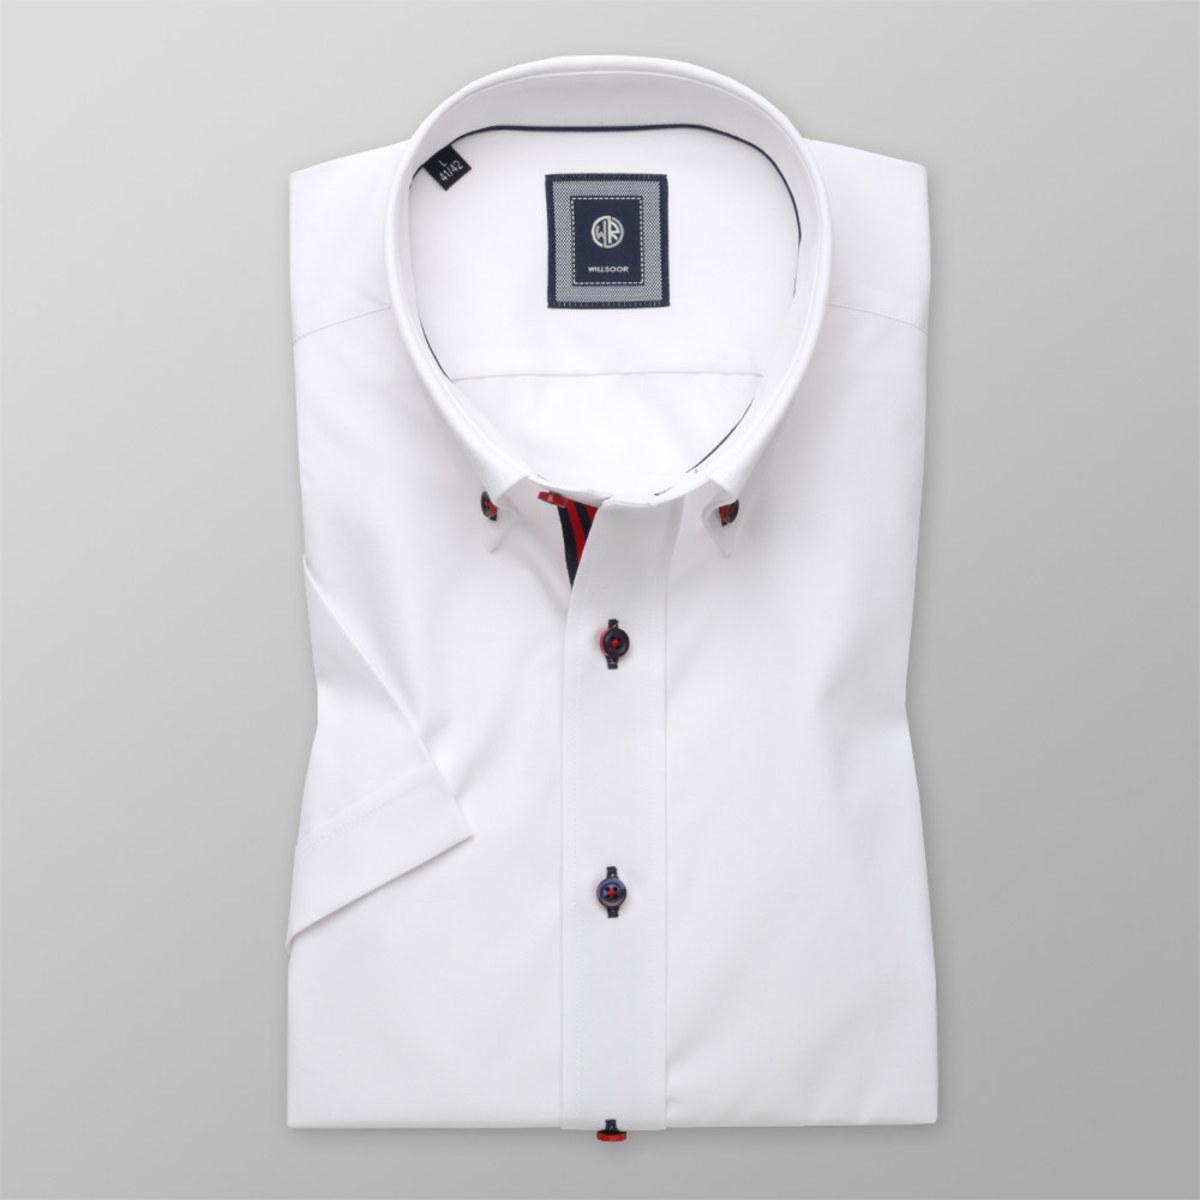 Košeľa Slim Fit bielej farby (výška 176 - 182) 10757 176-182 / XL (43/44)